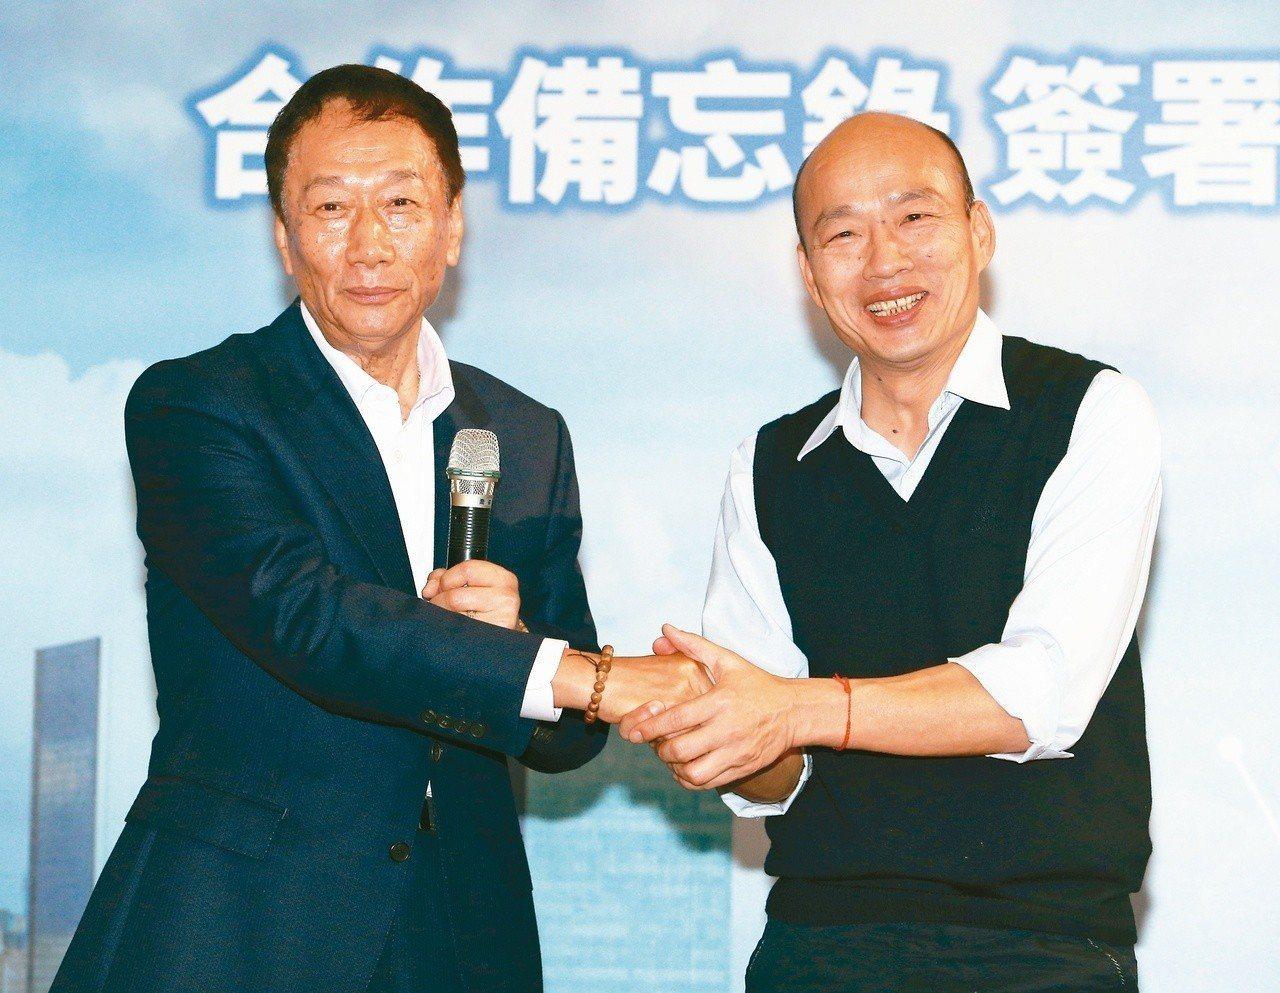 根據聯合報民調,藍營不論是派出韓國瑜(右)或郭台銘,都有機會與柯文哲和民進黨相抗...